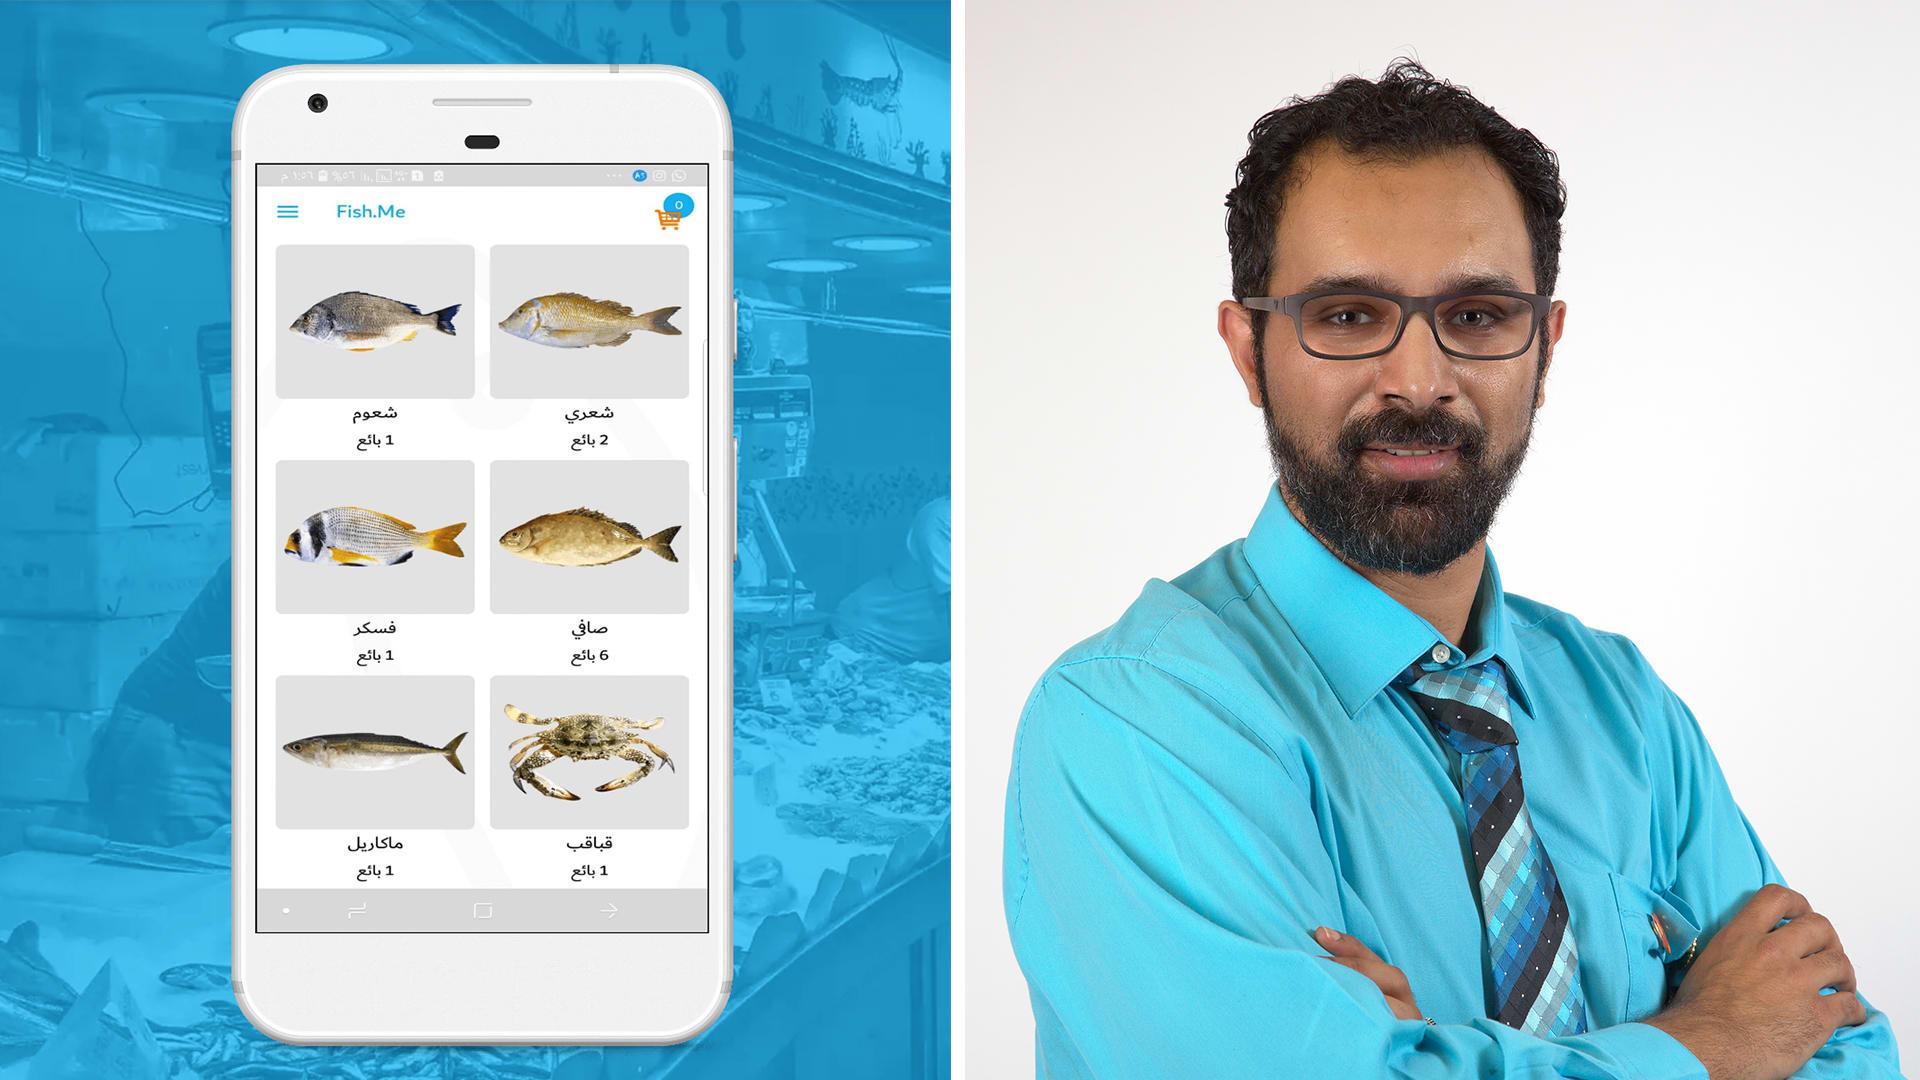 """تطبيق """"فيش.مي"""" البحريني يوصل السمك الطازج إلى عتبة بابك."""